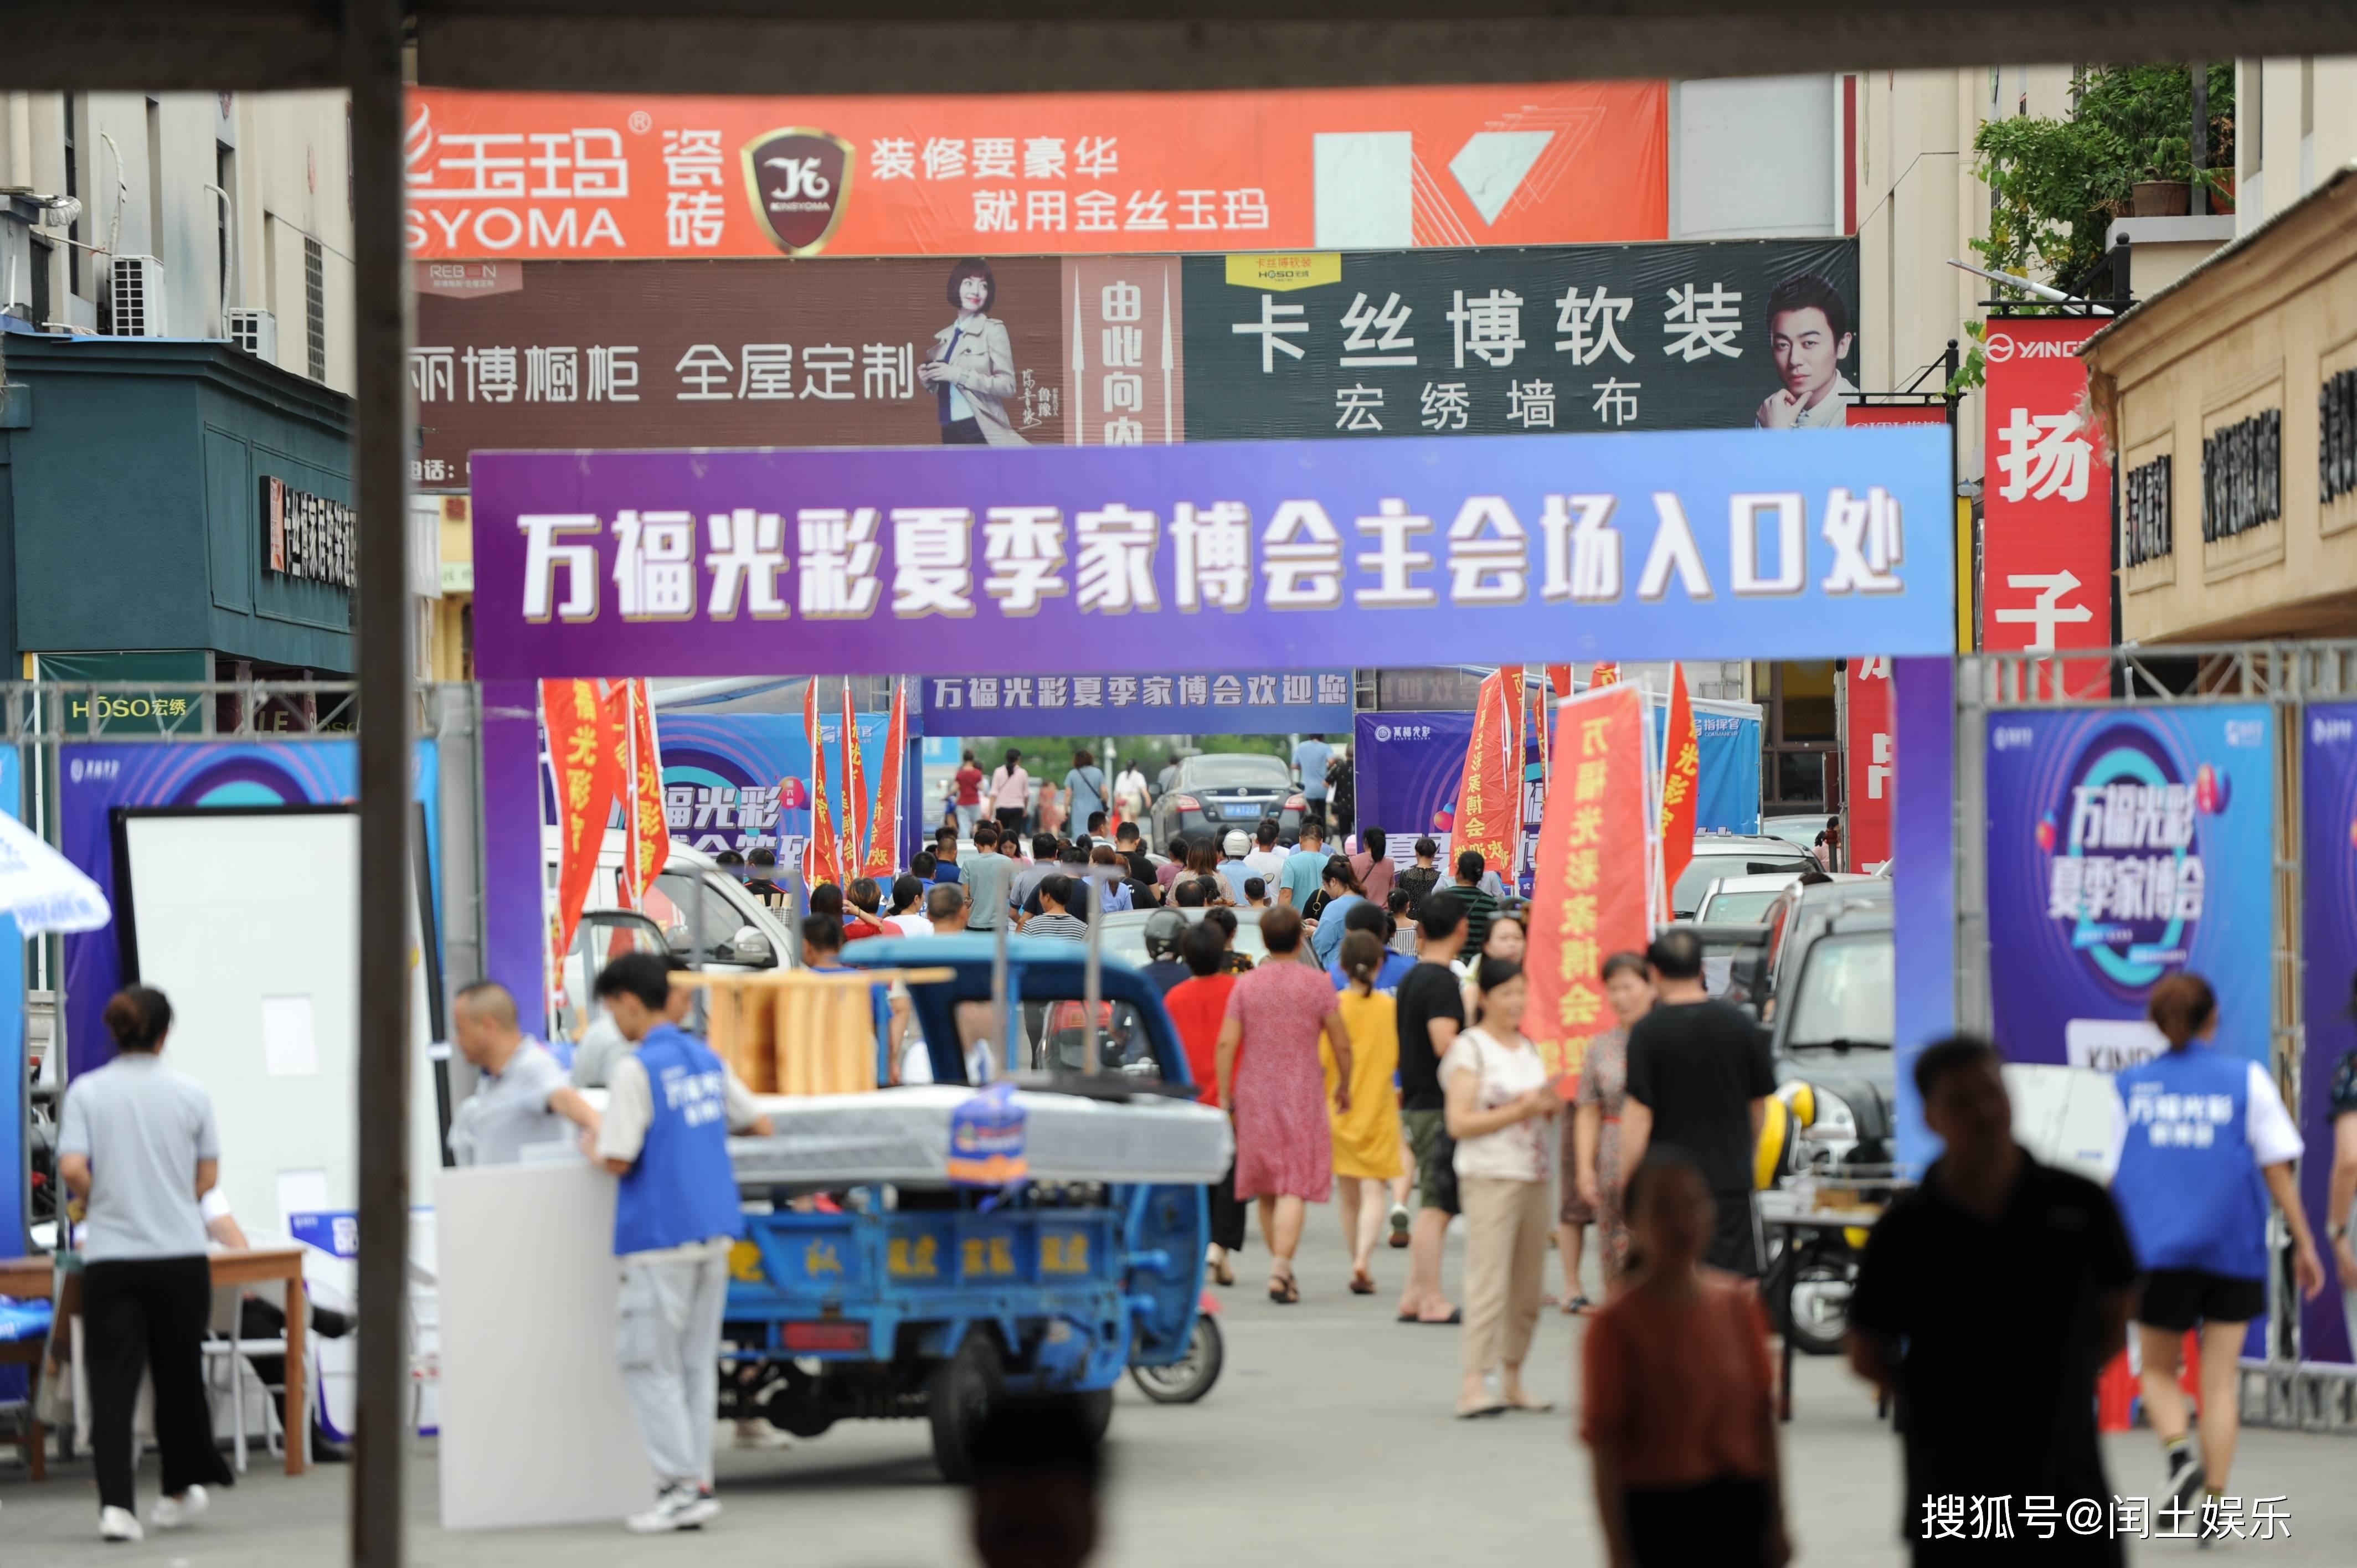 第六届万福彩家居博览会圆满落幕!宁国已成为长江三角洲家庭建材行业发展的新地标